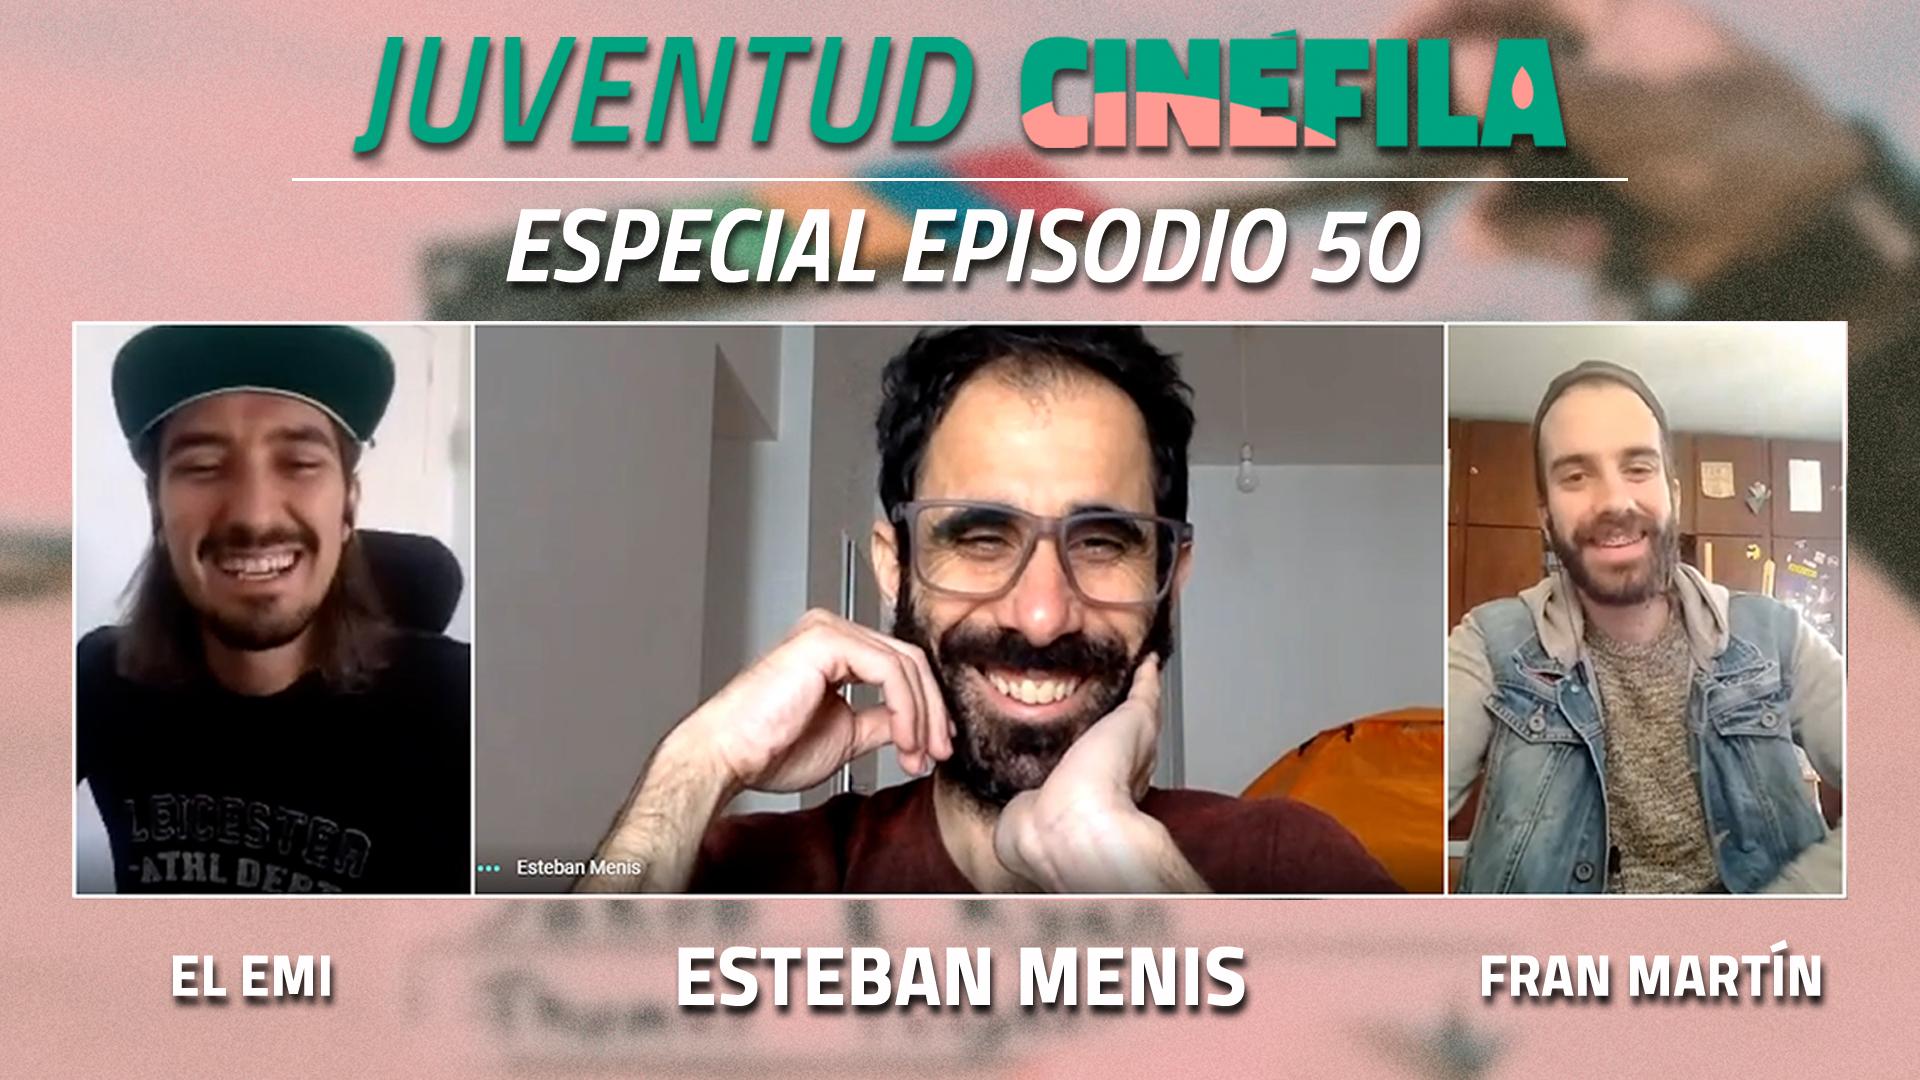 Juventud cinéfila: Emi Guazzaroni y Fran Martín entrevistaron al actor Esteban Menis